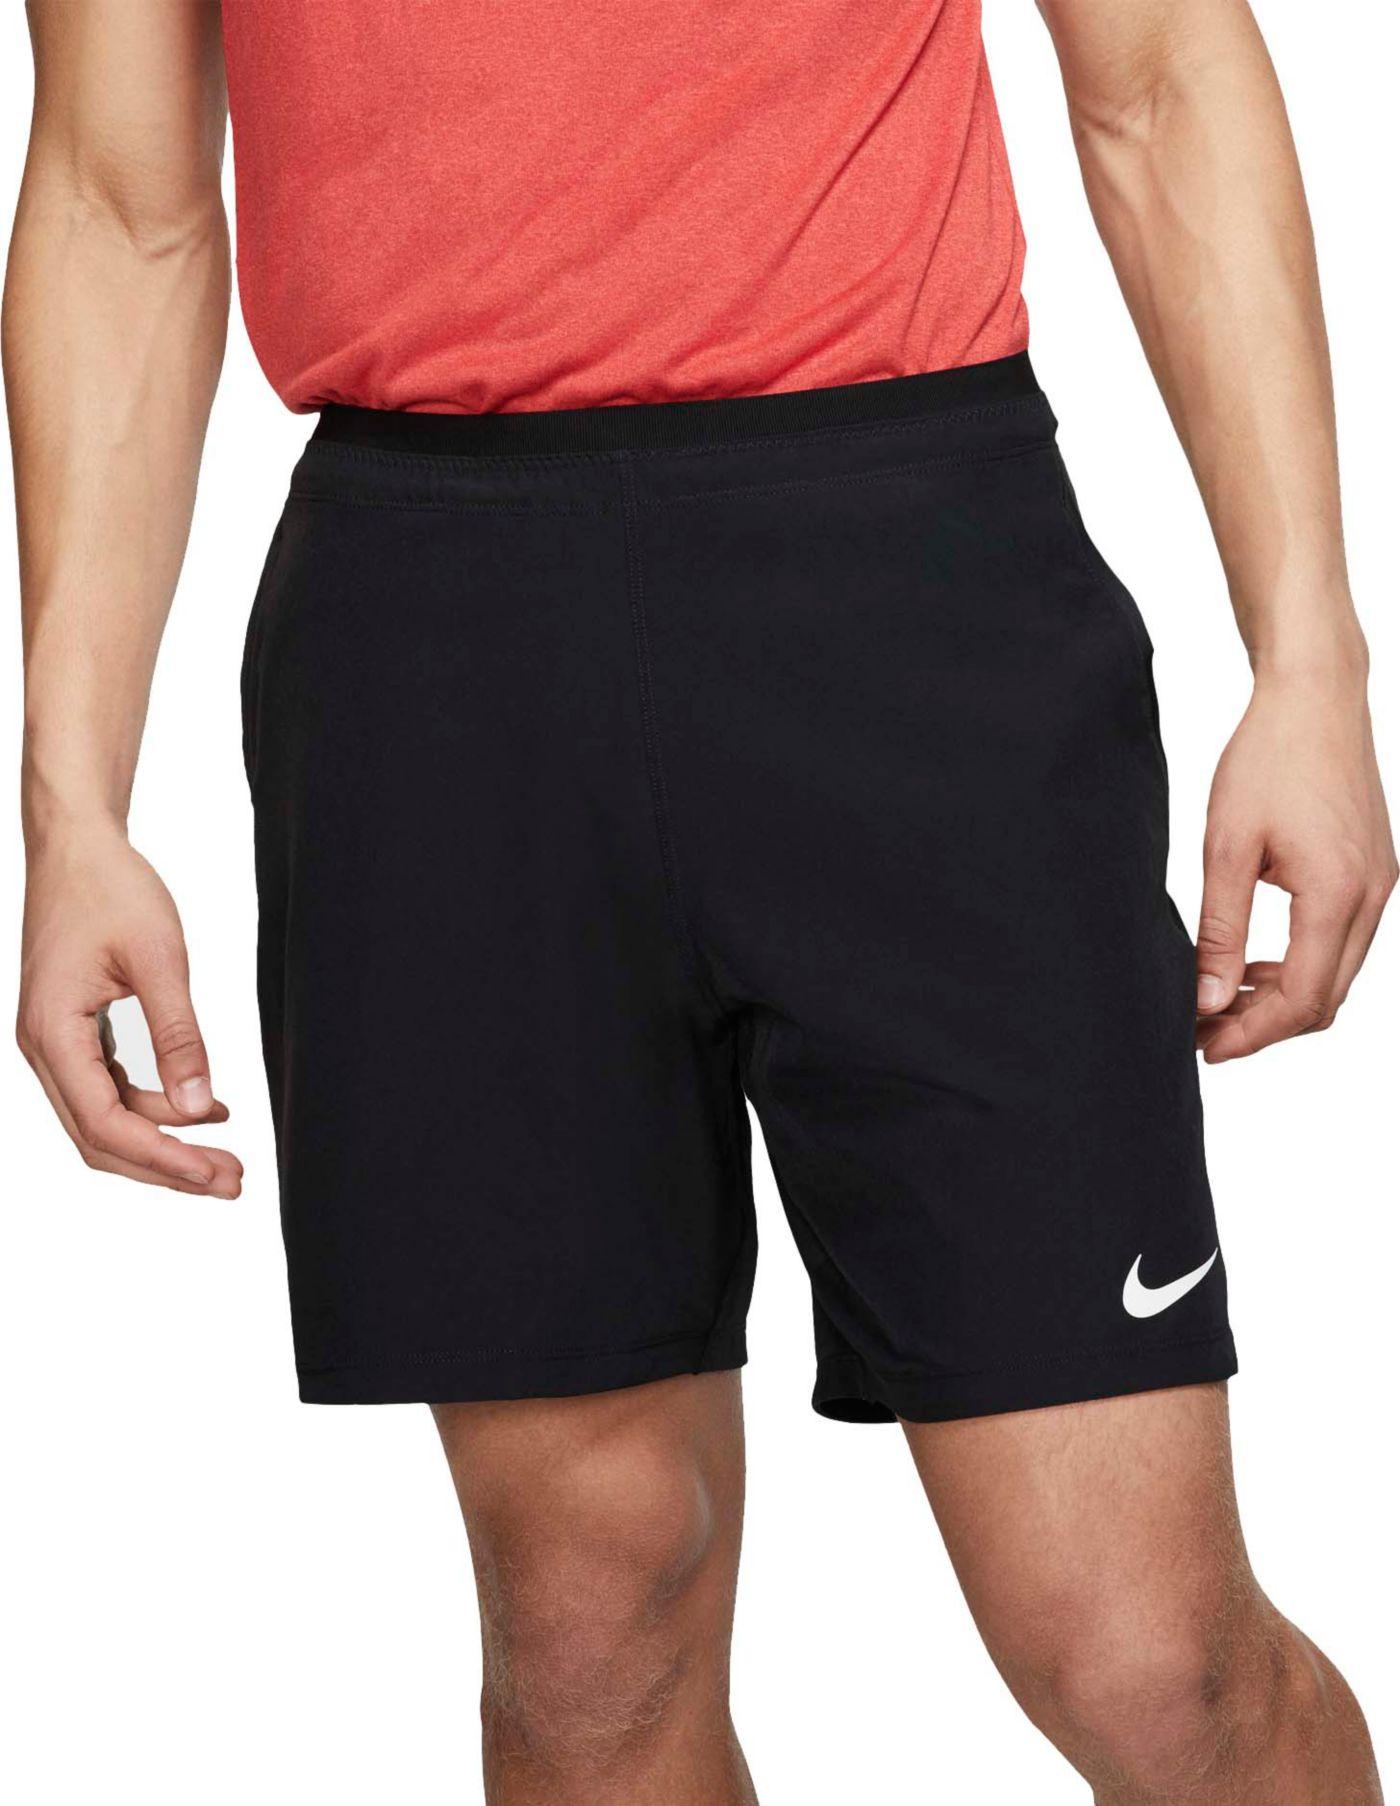 Nike Men's Pro Flex Repel Shorts